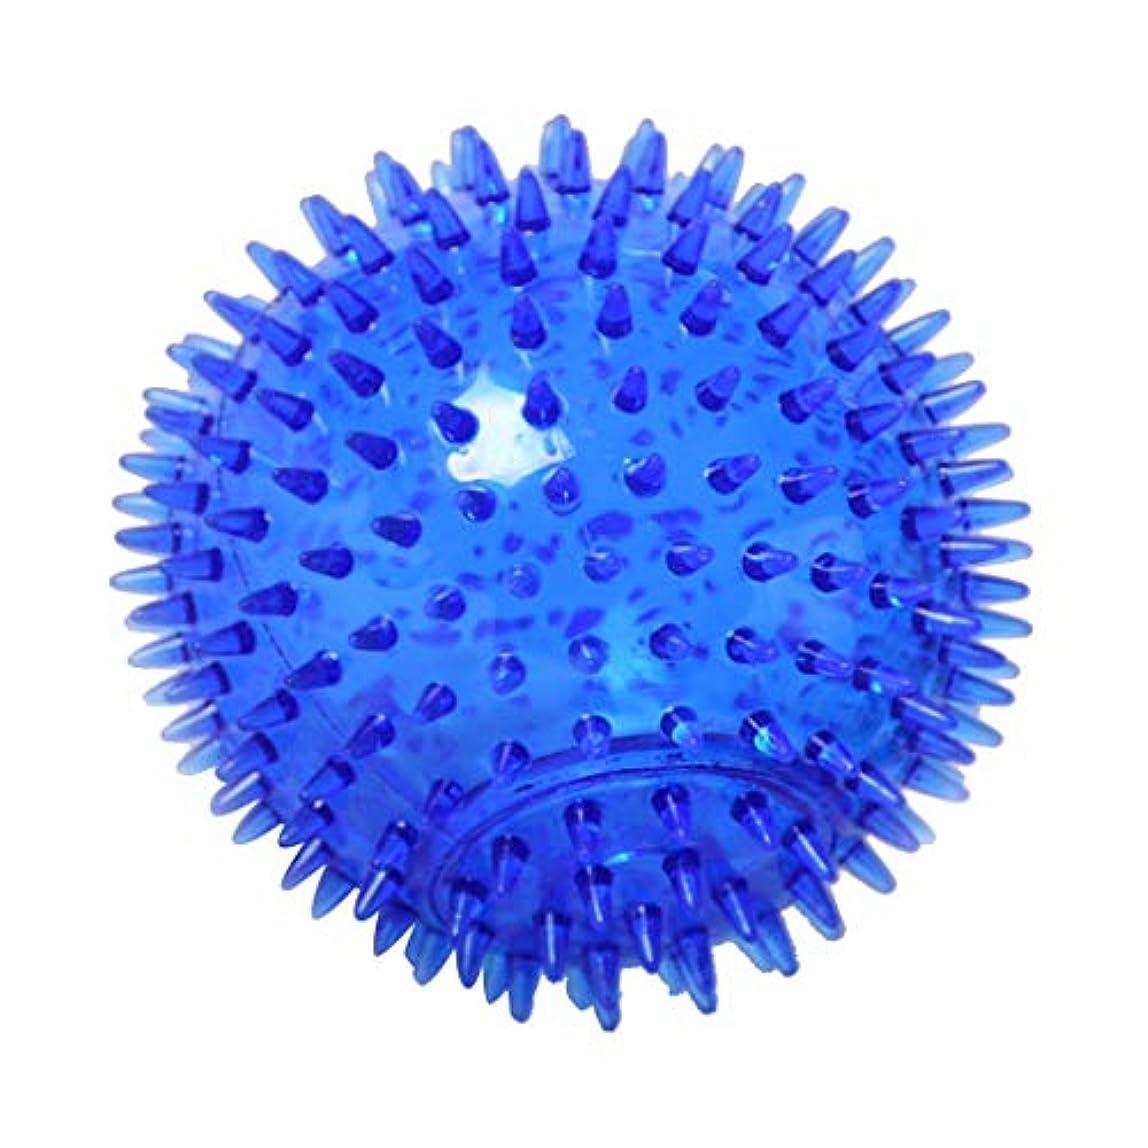 泣いているモッキンバードヒュームマッサージボール TPR トリガーポイントマッサージ 指圧マッサージ ヨガボール 3サイズ選べ - 青, 12cm